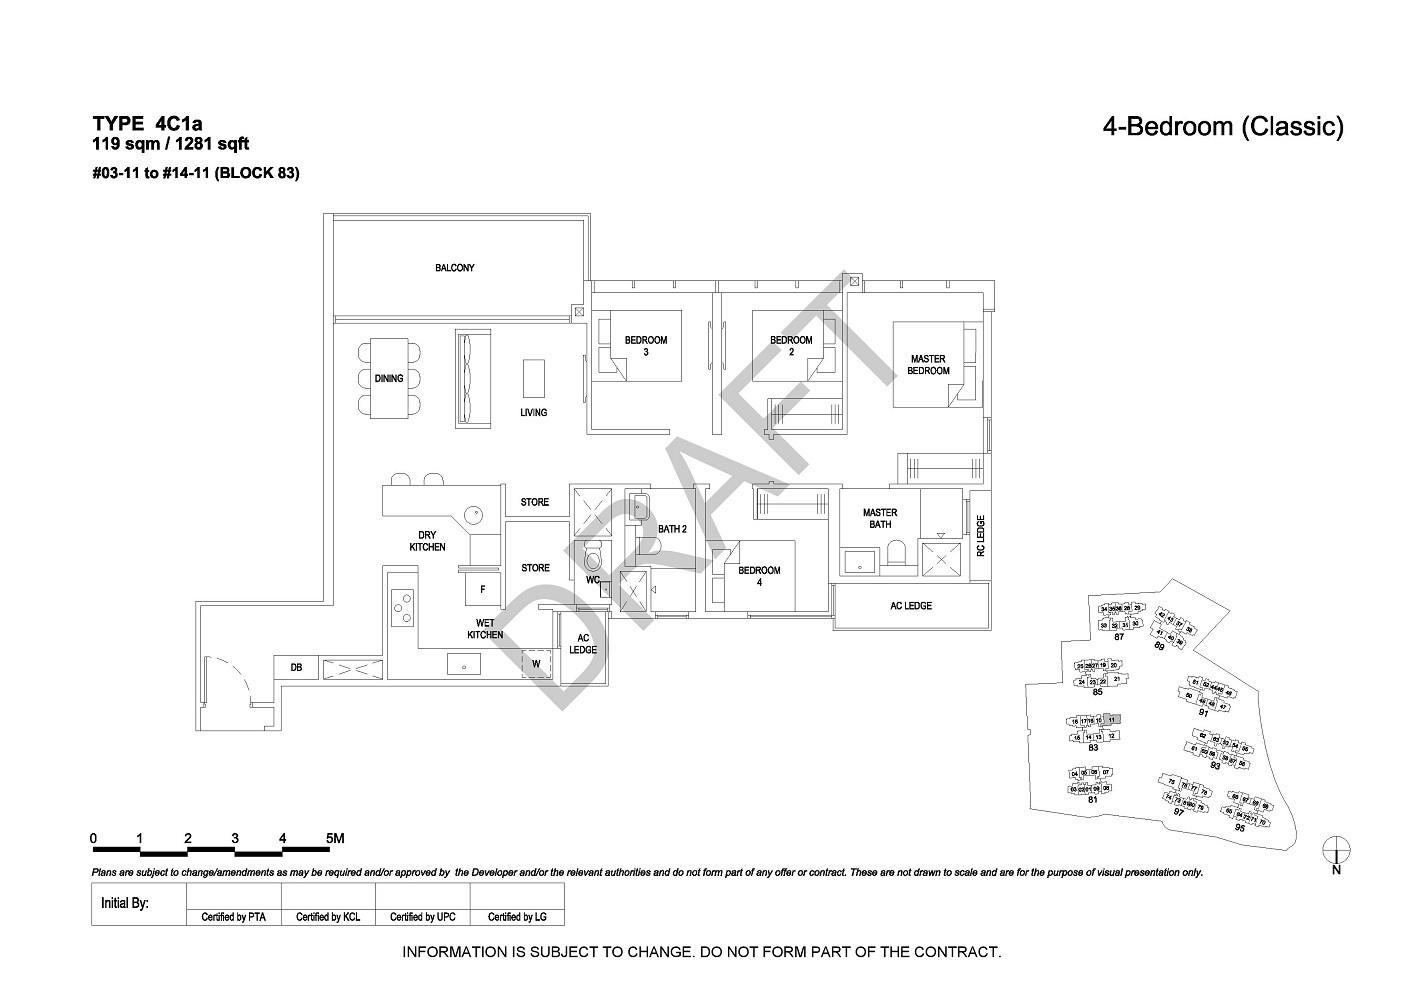 4 Bedroom Type 4C1a